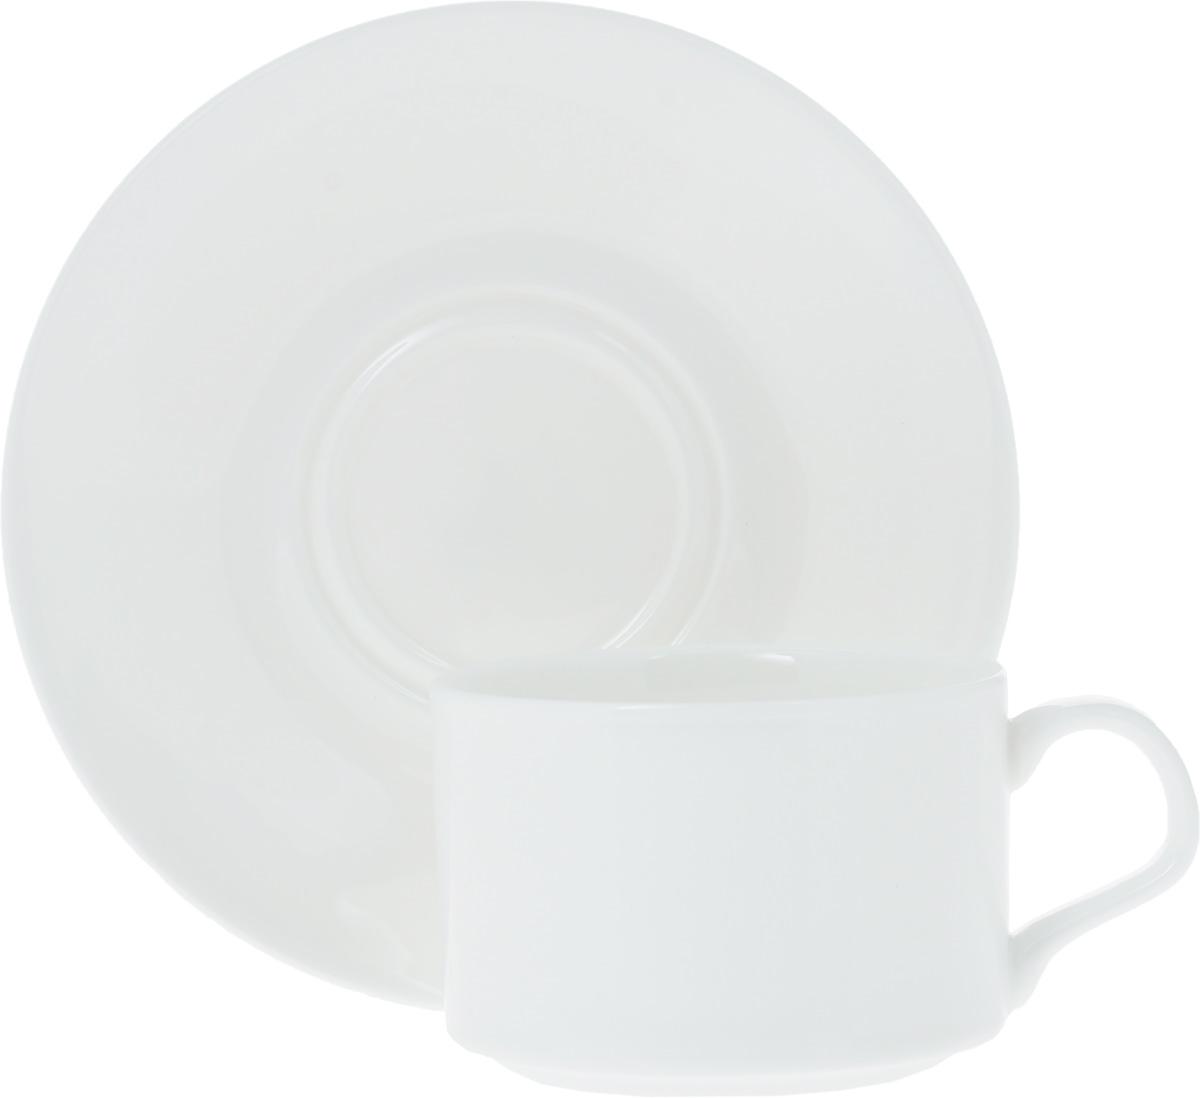 Чайная пара Wilmax, 2 предмета. WL-993006 / AB115510Чайная пара Wilmax состоит из чашки и блюдца. Изделия выполнены из высококачественного фарфора, покрытого слоем глазури. Изделия имеют лаконичный дизайн, просты и функциональны в использовании. Чайная пара Wilmax украсит ваш кухонный стол, а также станет замечательным подарком к любому празднику.Изделия можно мыть в посудомоечной машине и ставить в микроволновую печь. Объем чашки: 160 мл.Диаметр чашки (по верхнему краю): 7,5 см.Высота чашки: 5 см.Диаметр блюдца: 14 см.